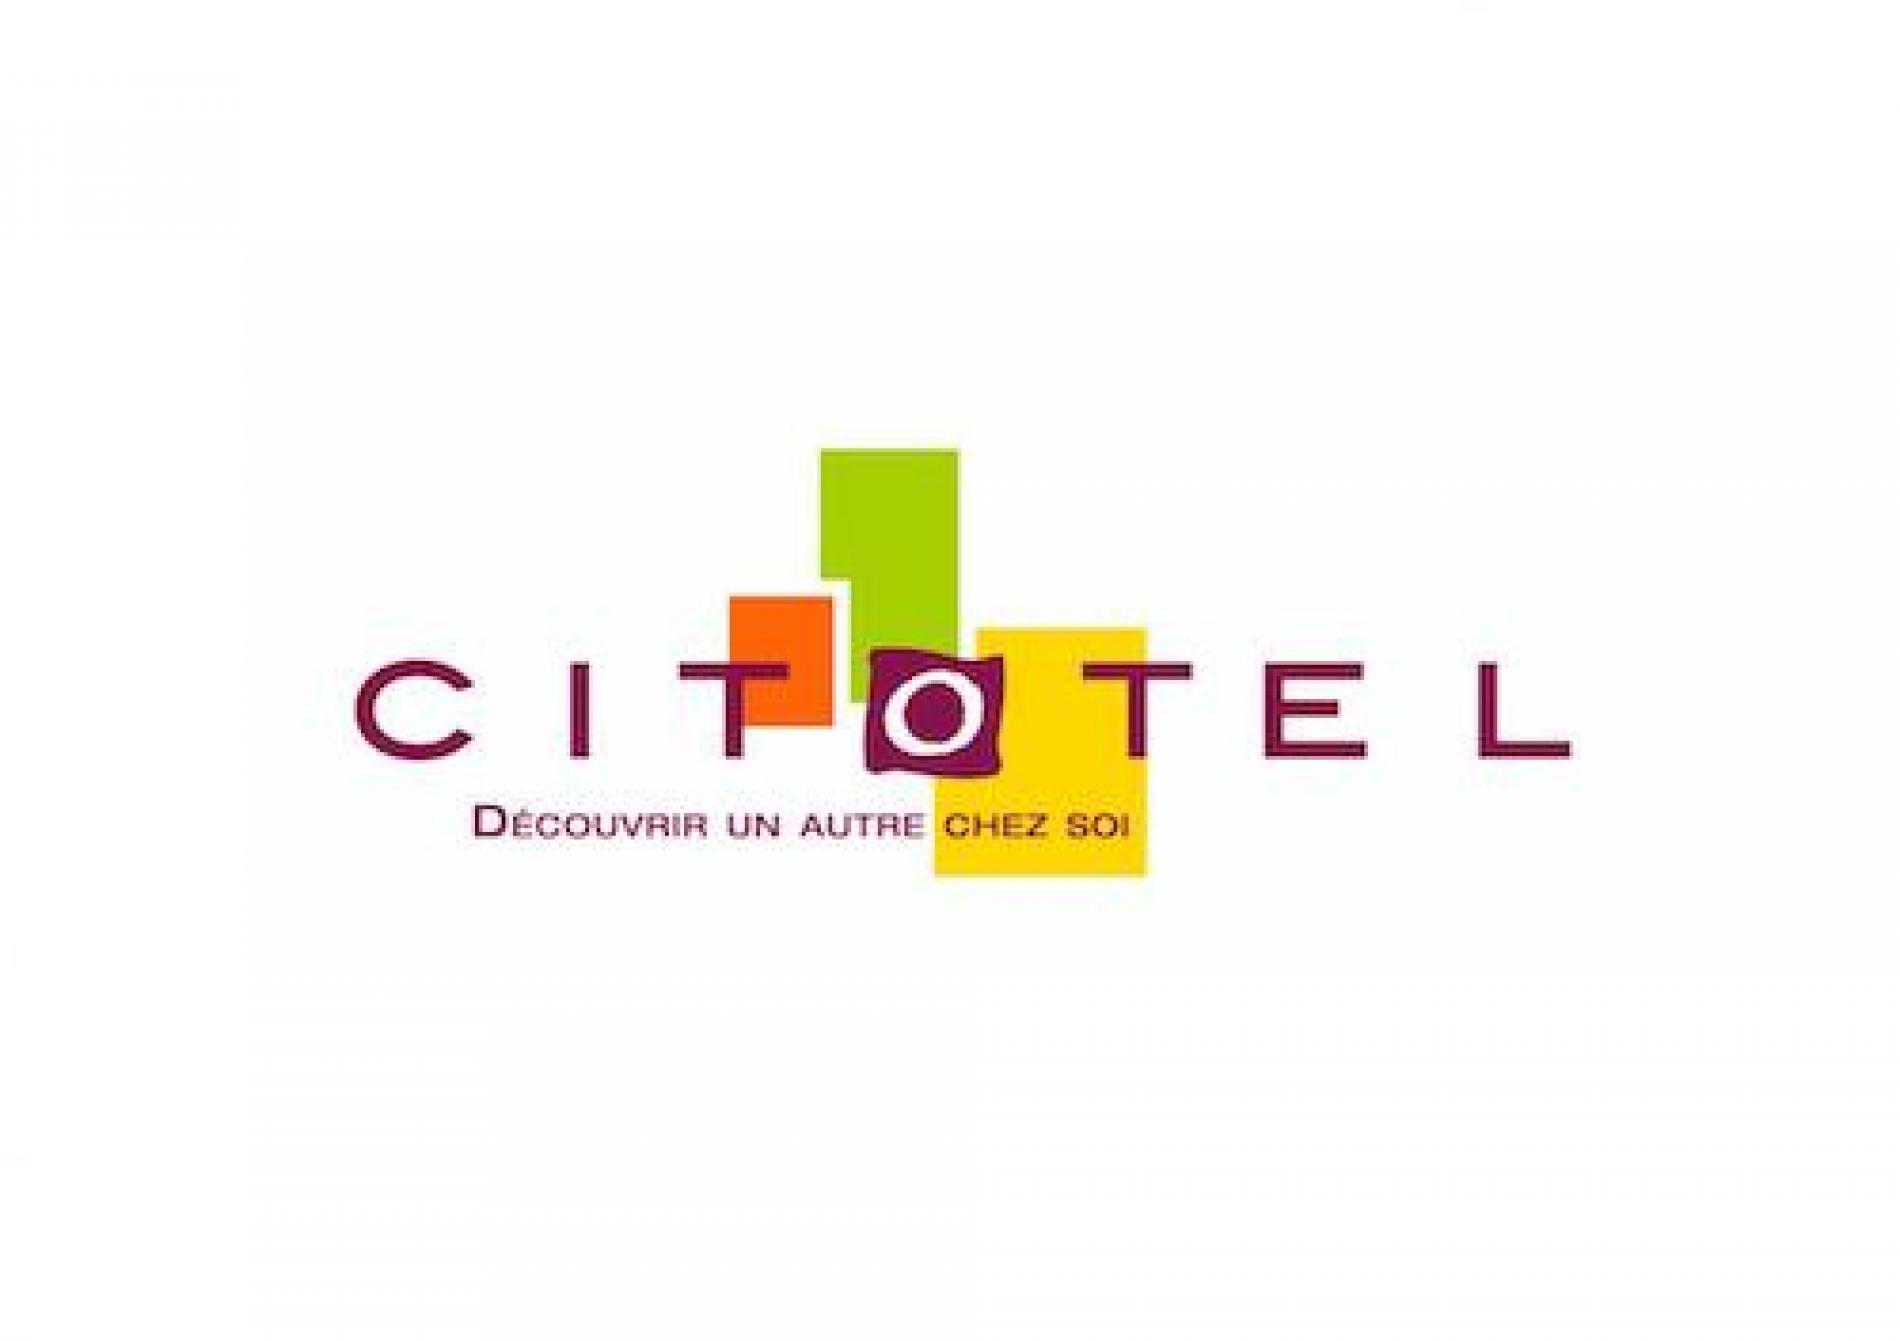 Citotel